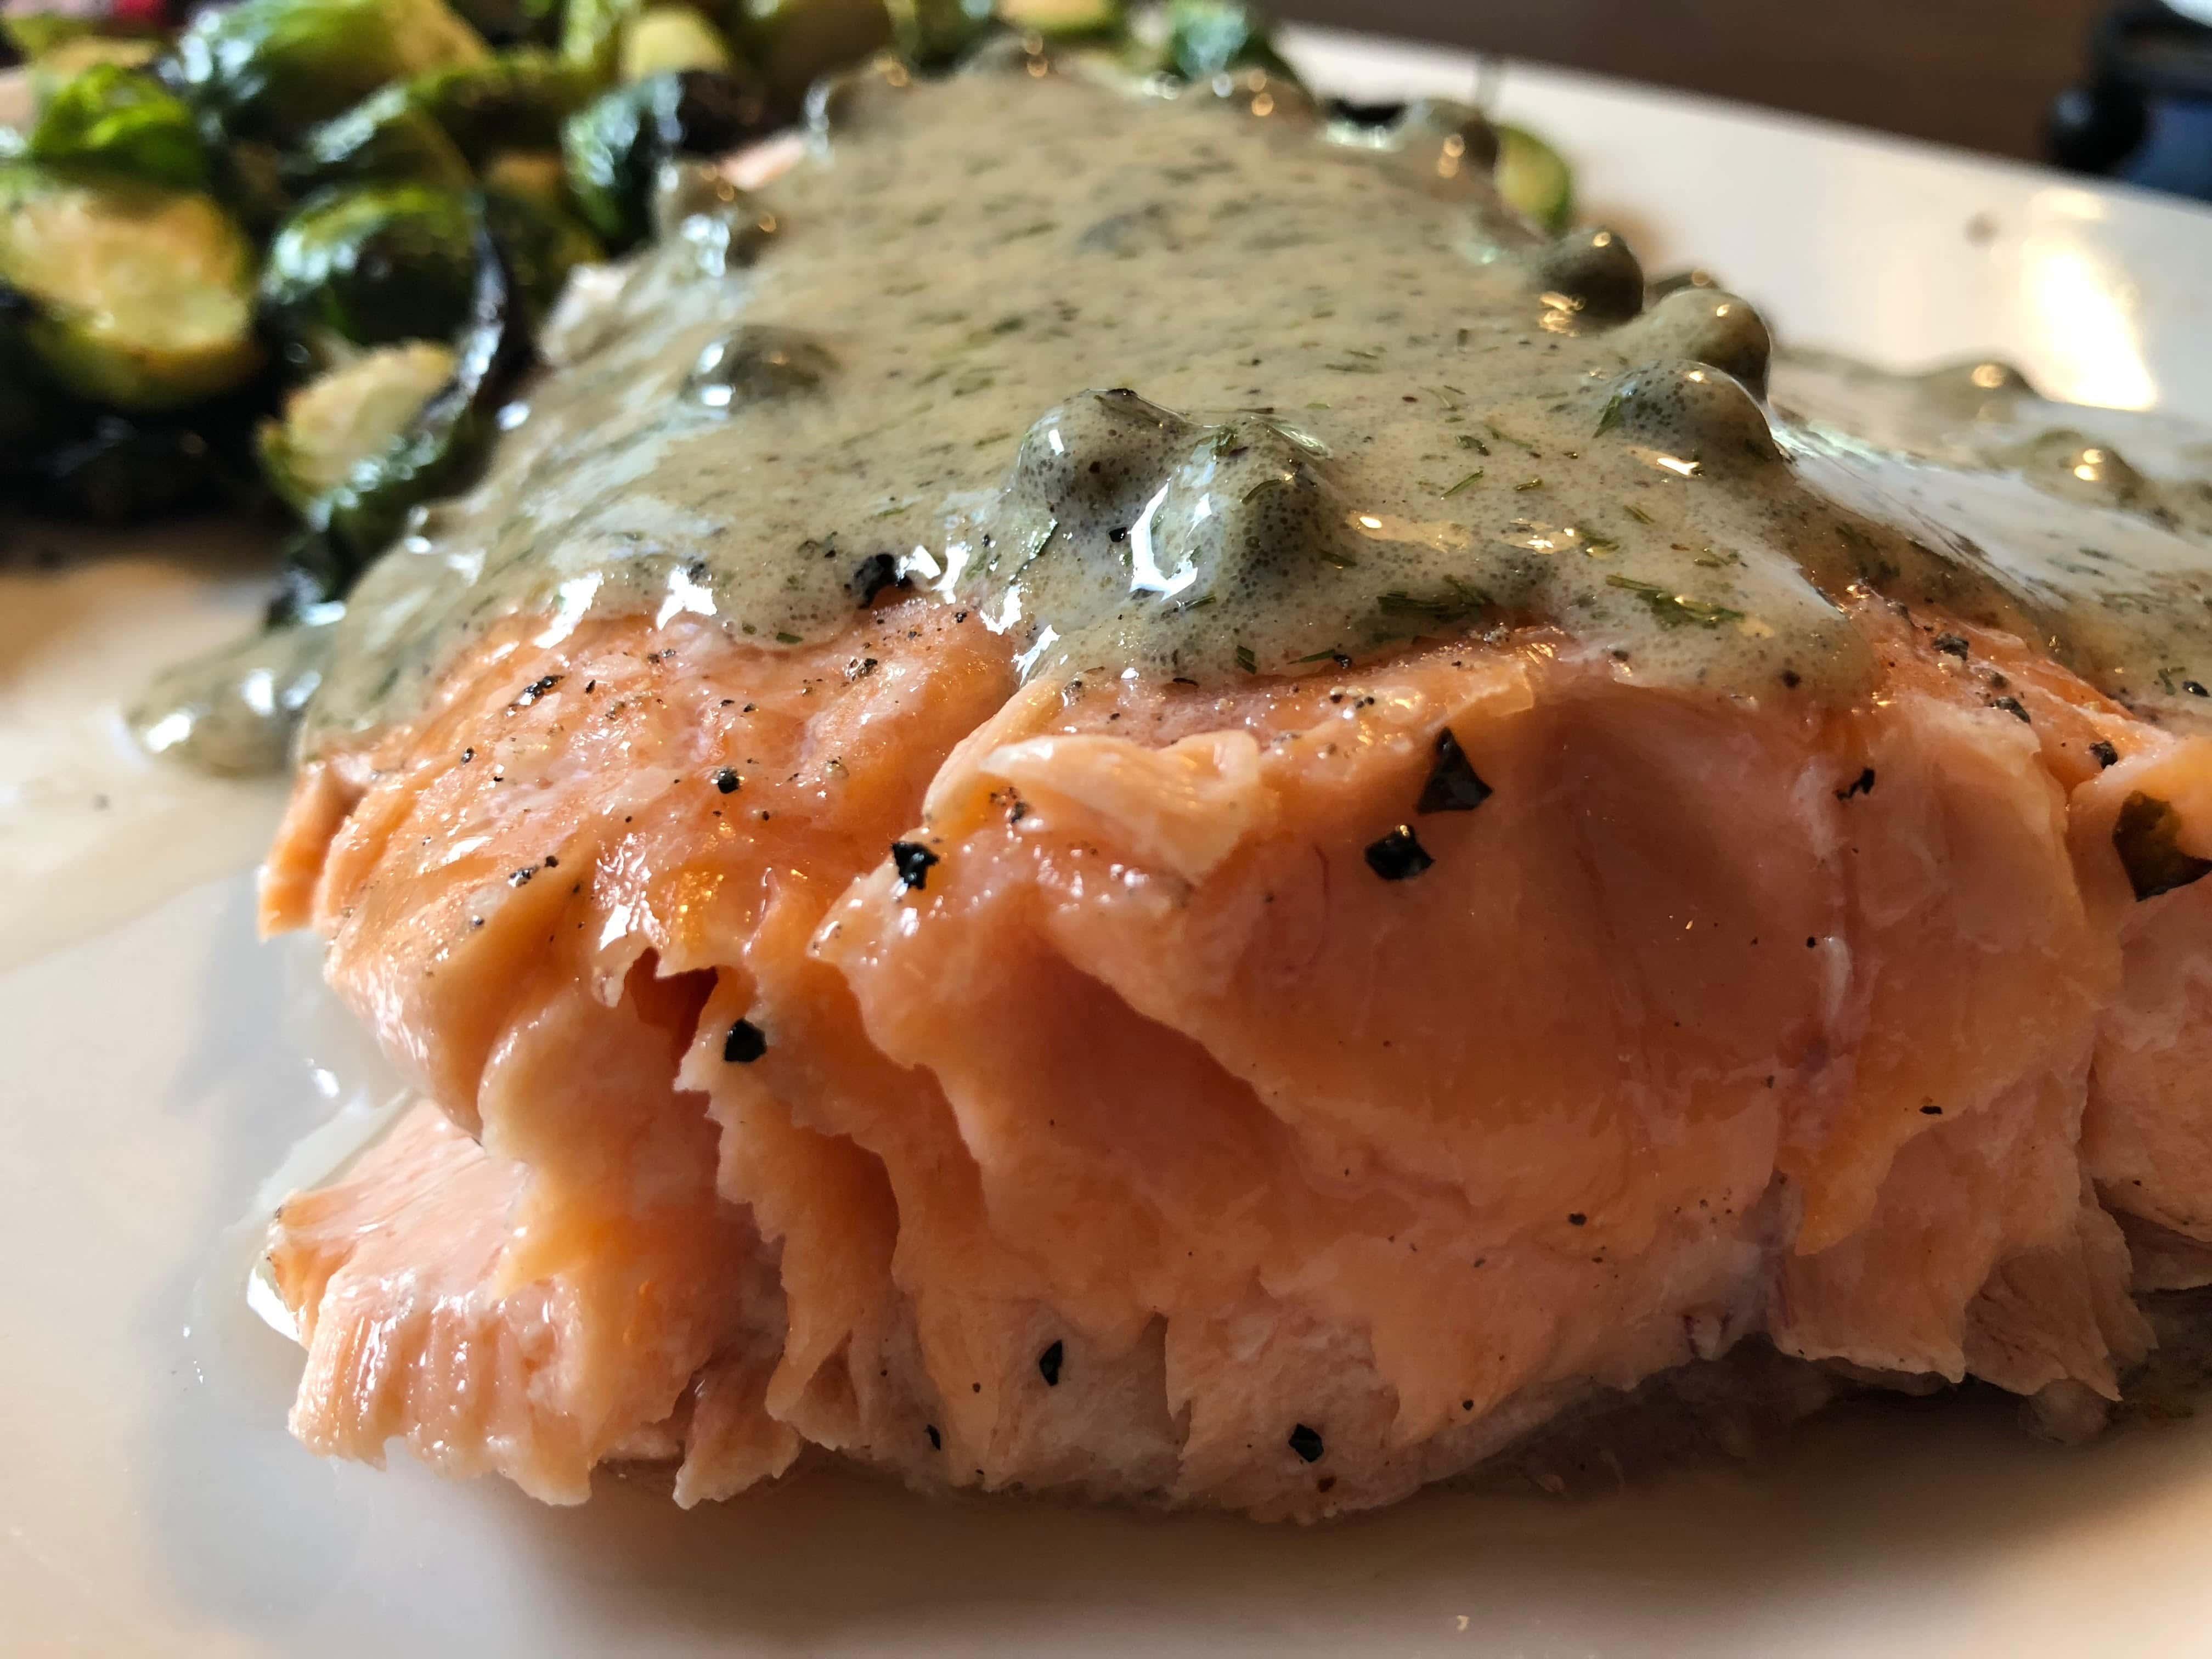 Salmon, amirite?